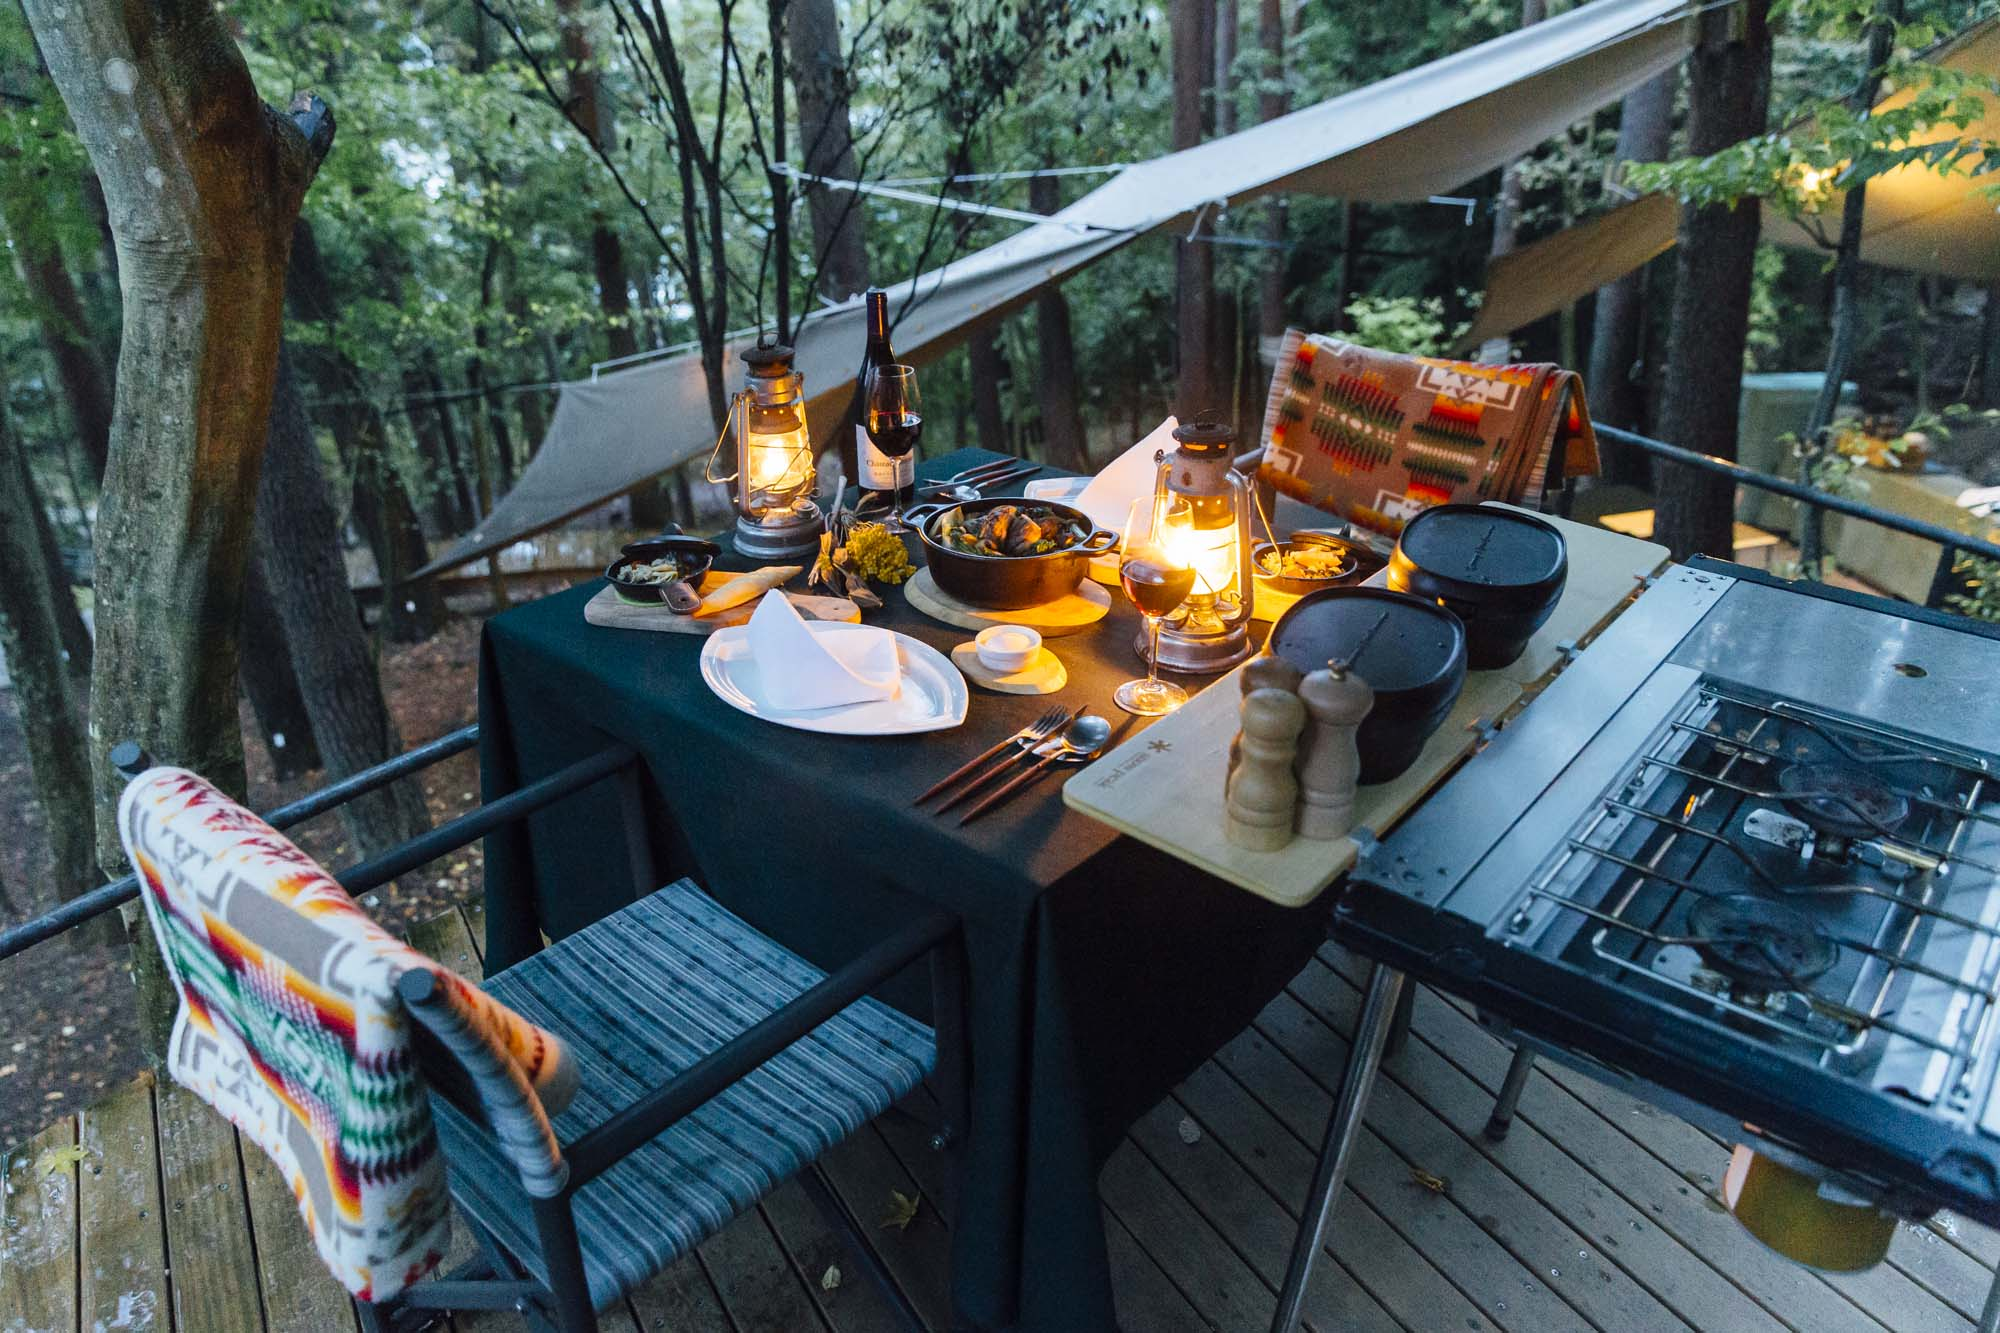 「星のや富士」で超贅沢グランピング体験。河口湖を望む絶景&大自然で楽しむ、絶品ダッチオーブンディナーと燻製づくり!